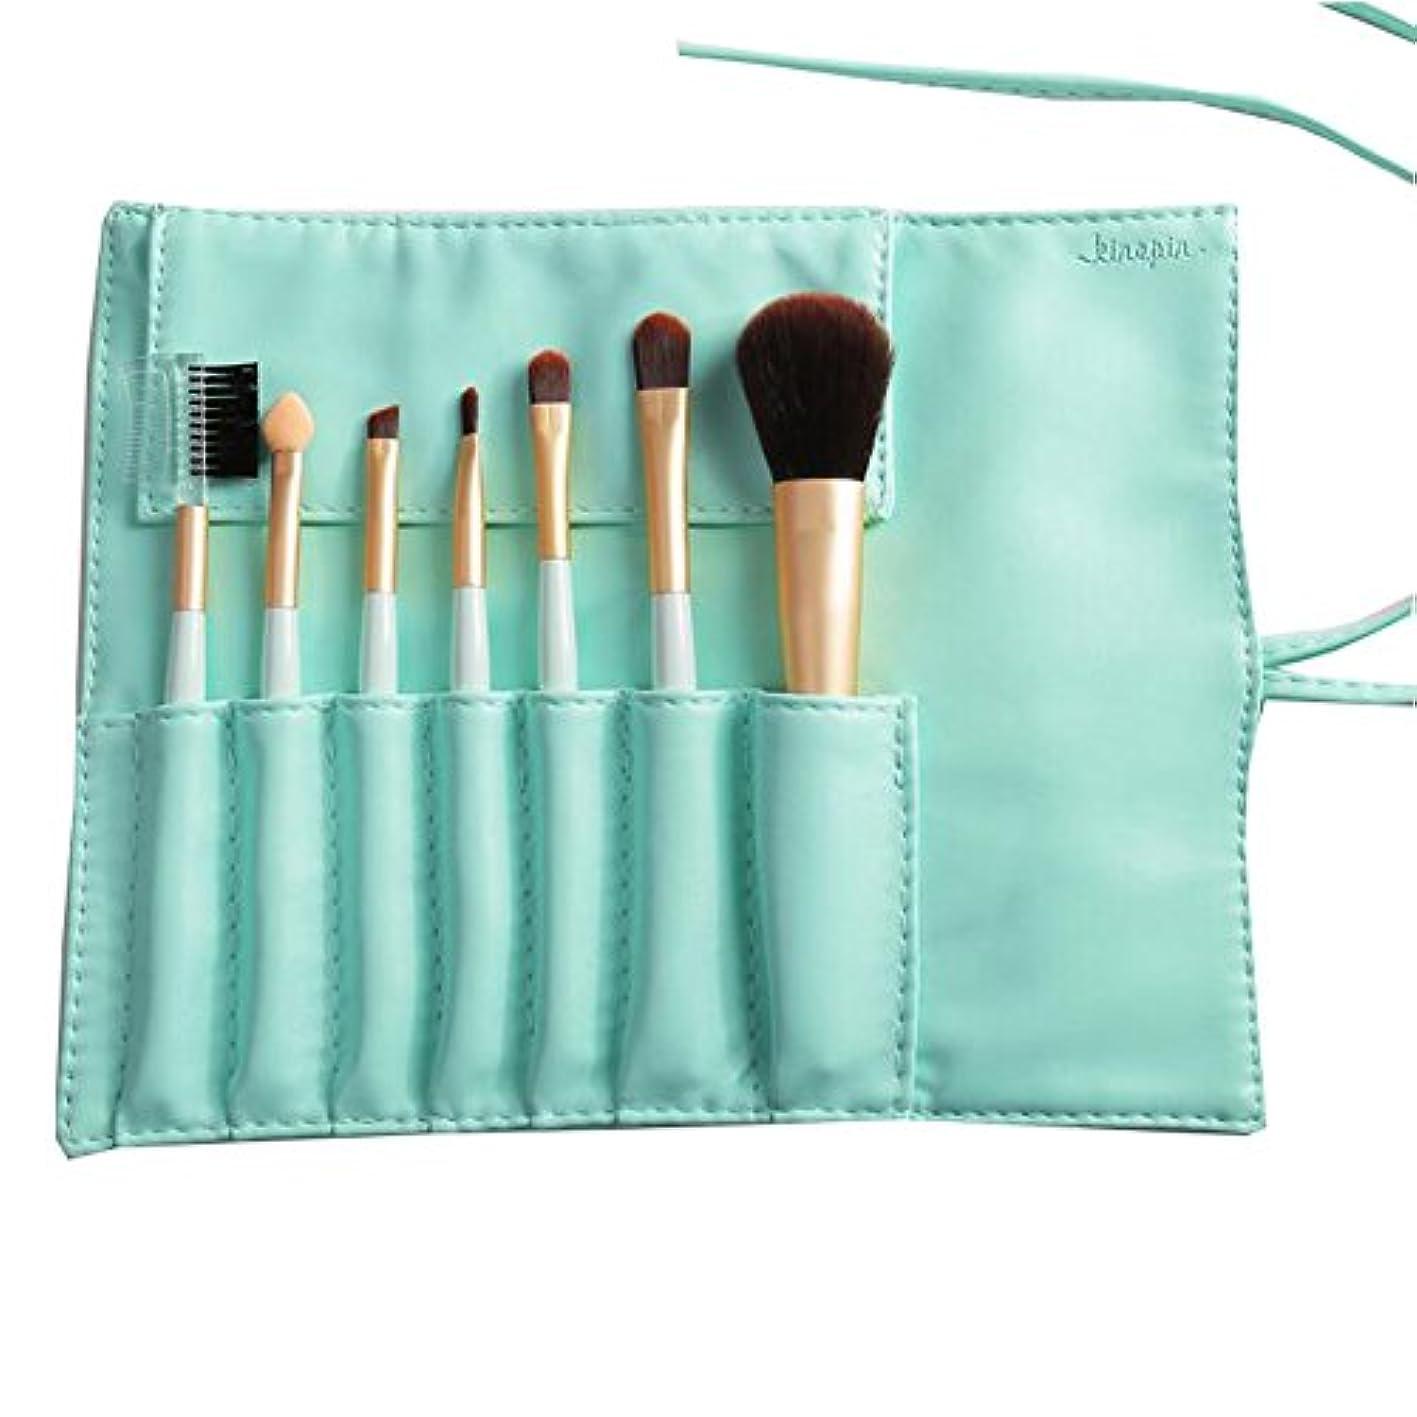 ガチョウソーセージ正気7つの化粧品のセットフェイスブラッシュ輪郭ファンデーション化粧ブラシキット